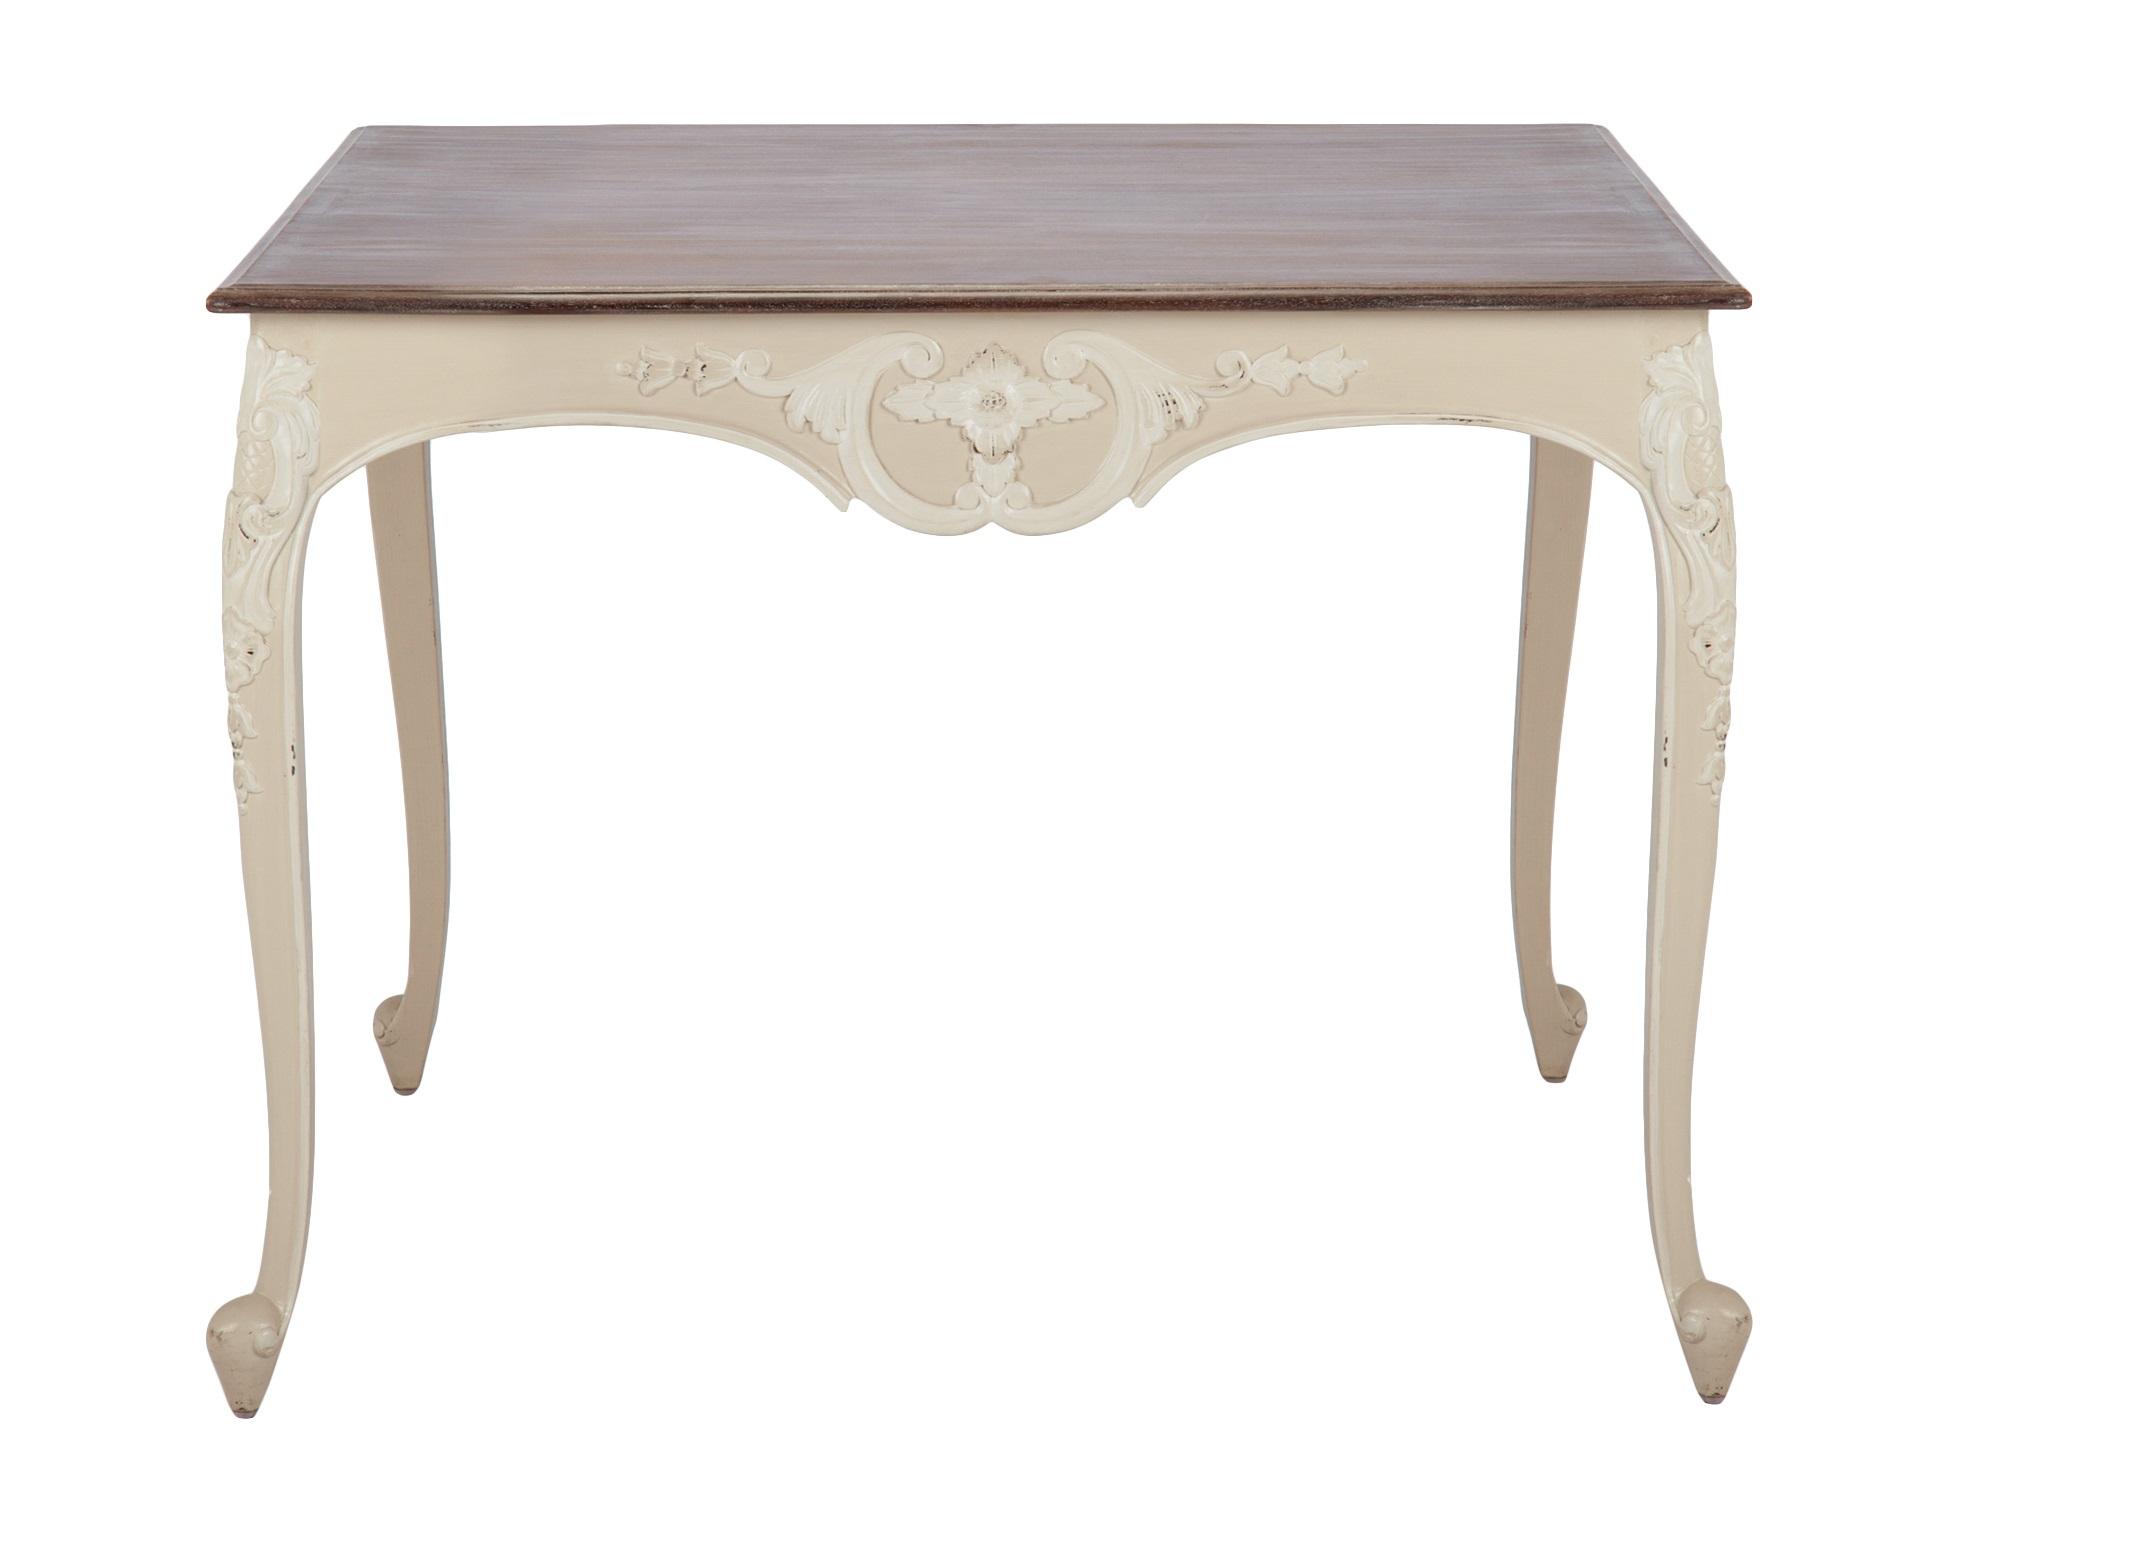 Стол квадратный ПаулинаОбеденные столы<br>Стол квадратный из дерева махагони, украшен резьбой и старением. Столешница цвета венге.<br><br>Material: Красное дерево<br>Ширина см: 100<br>Высота см: 78<br>Глубина см: 100